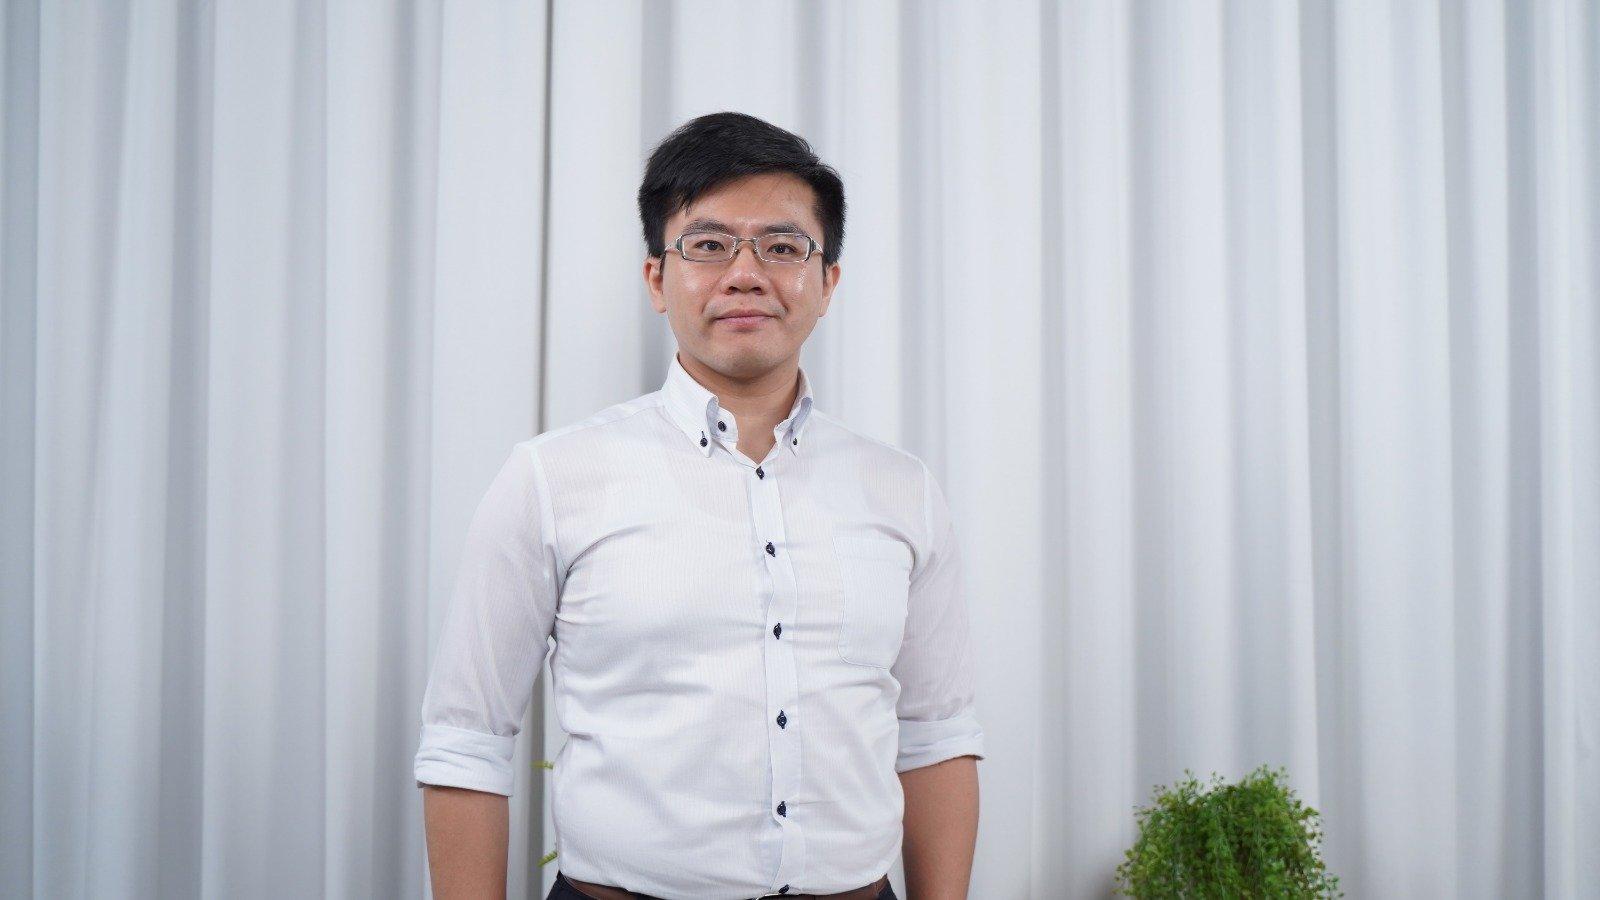 香港金融業職工總會主席郭嘉榮表示法治環境改變將催生香港金融行業文化、規則「變質」,從而導致人才流失。(關永真/大紀元)